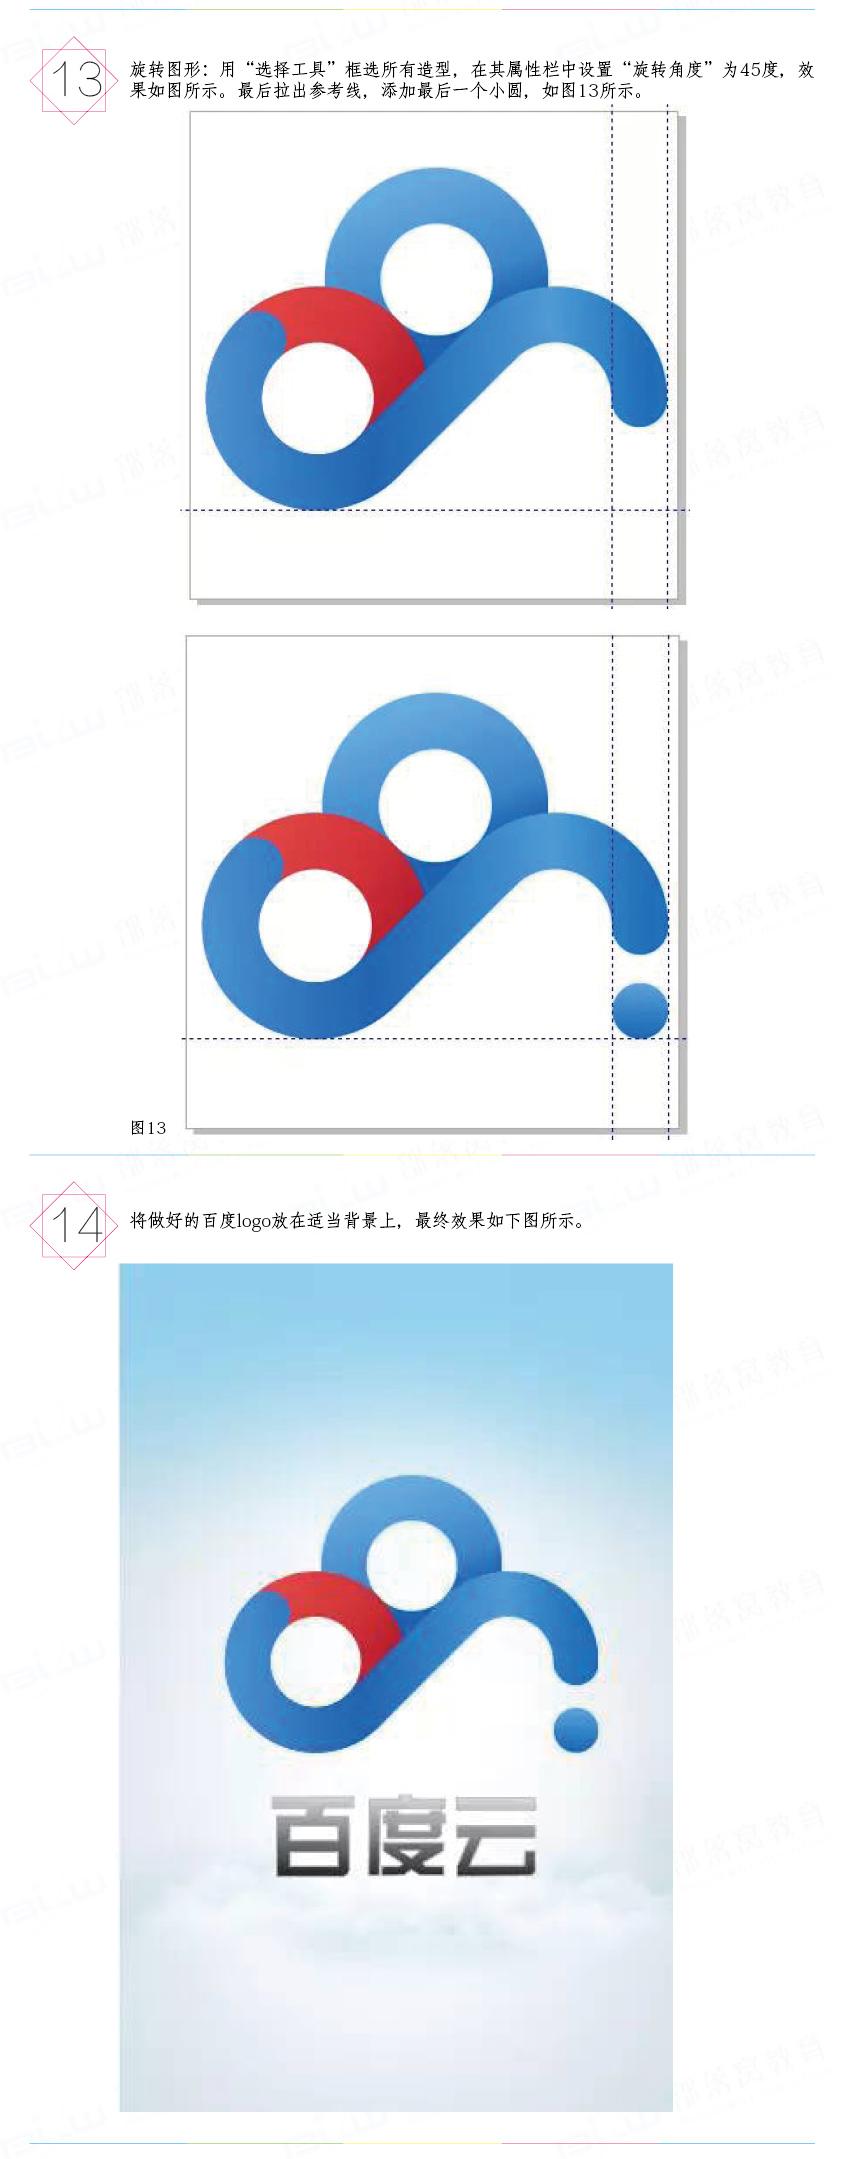 利用coreldraw 绘制百度云logo